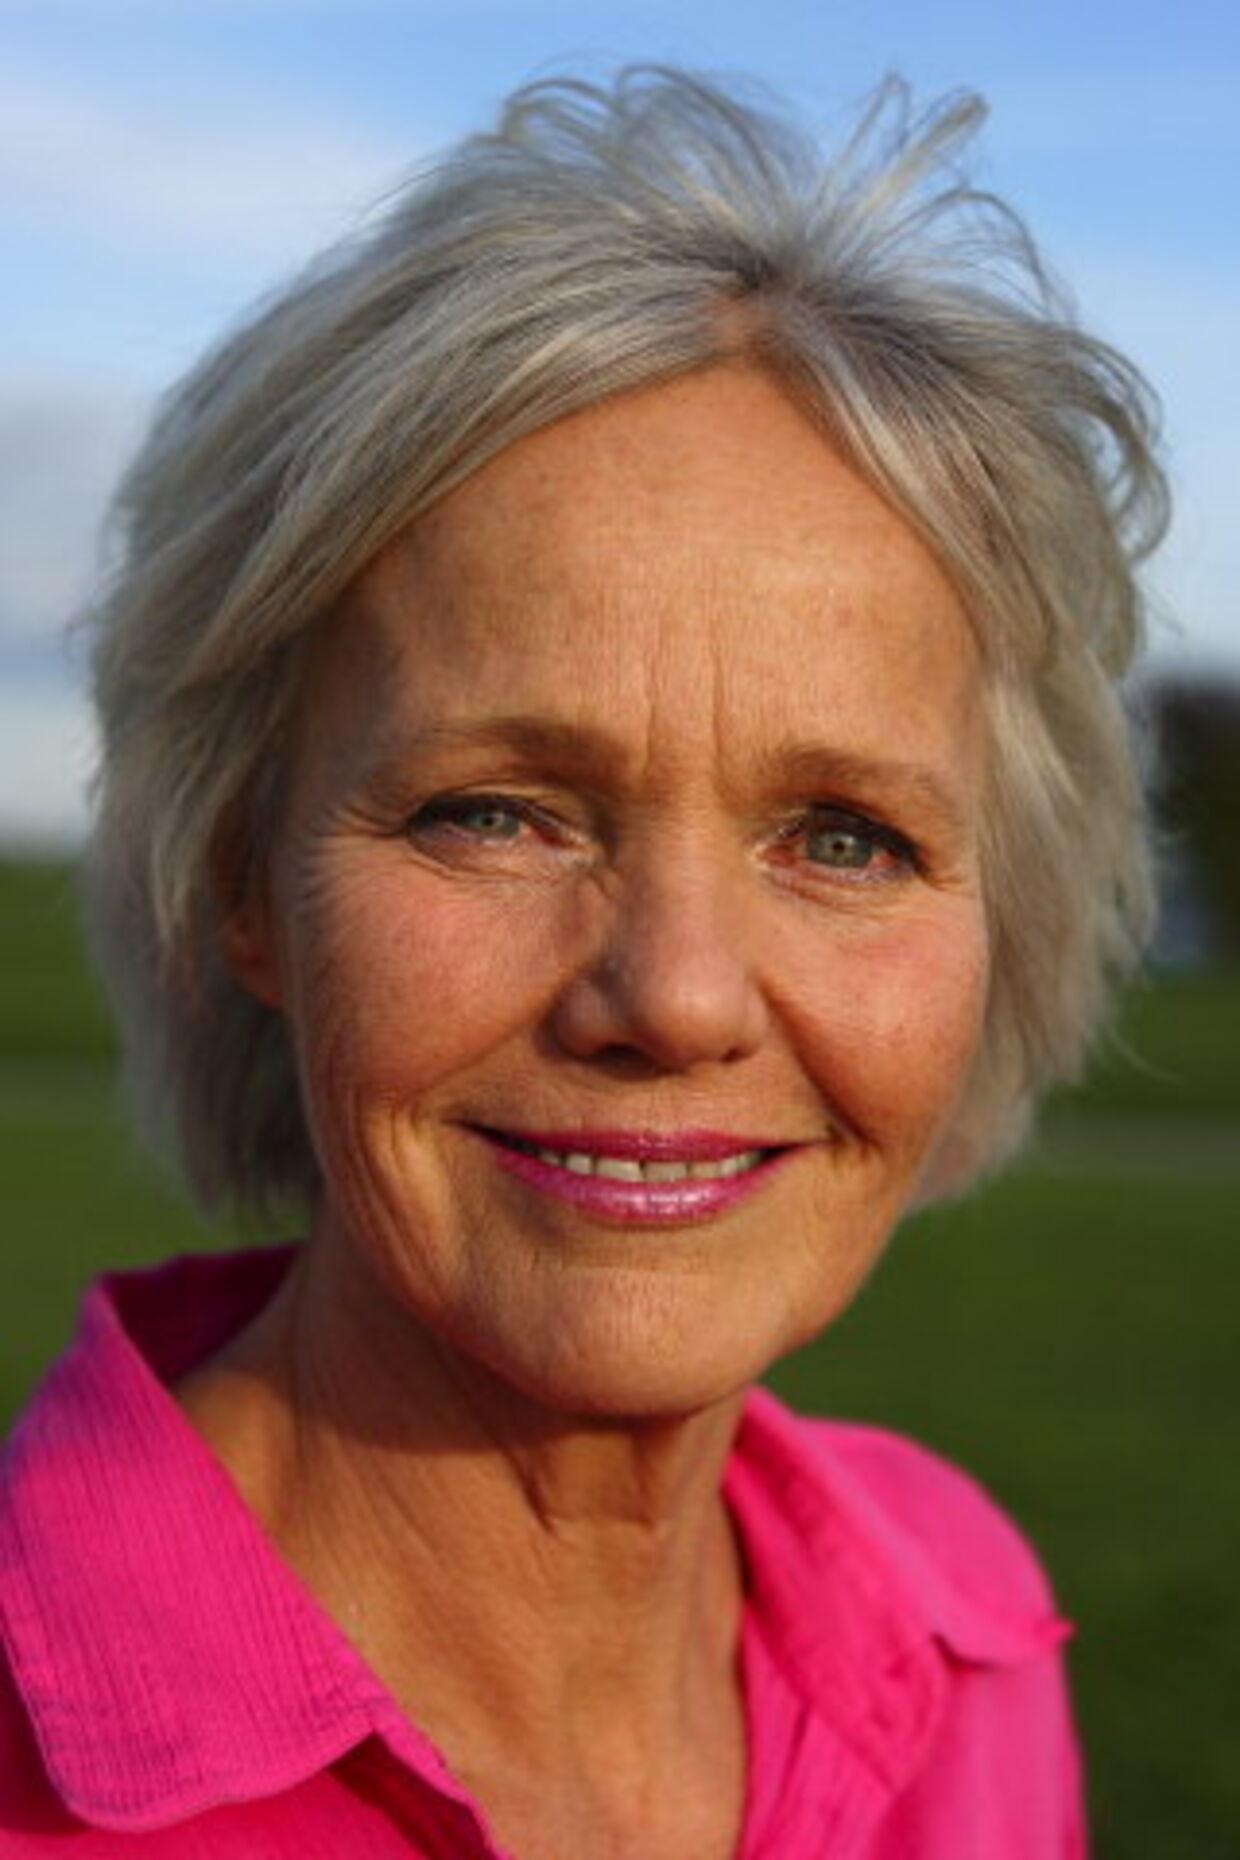 Efter 22 år som medlem af Socialdemokratiet har den tidligere social- og indenrigsminister Karen Jespersen meldt sig ud.